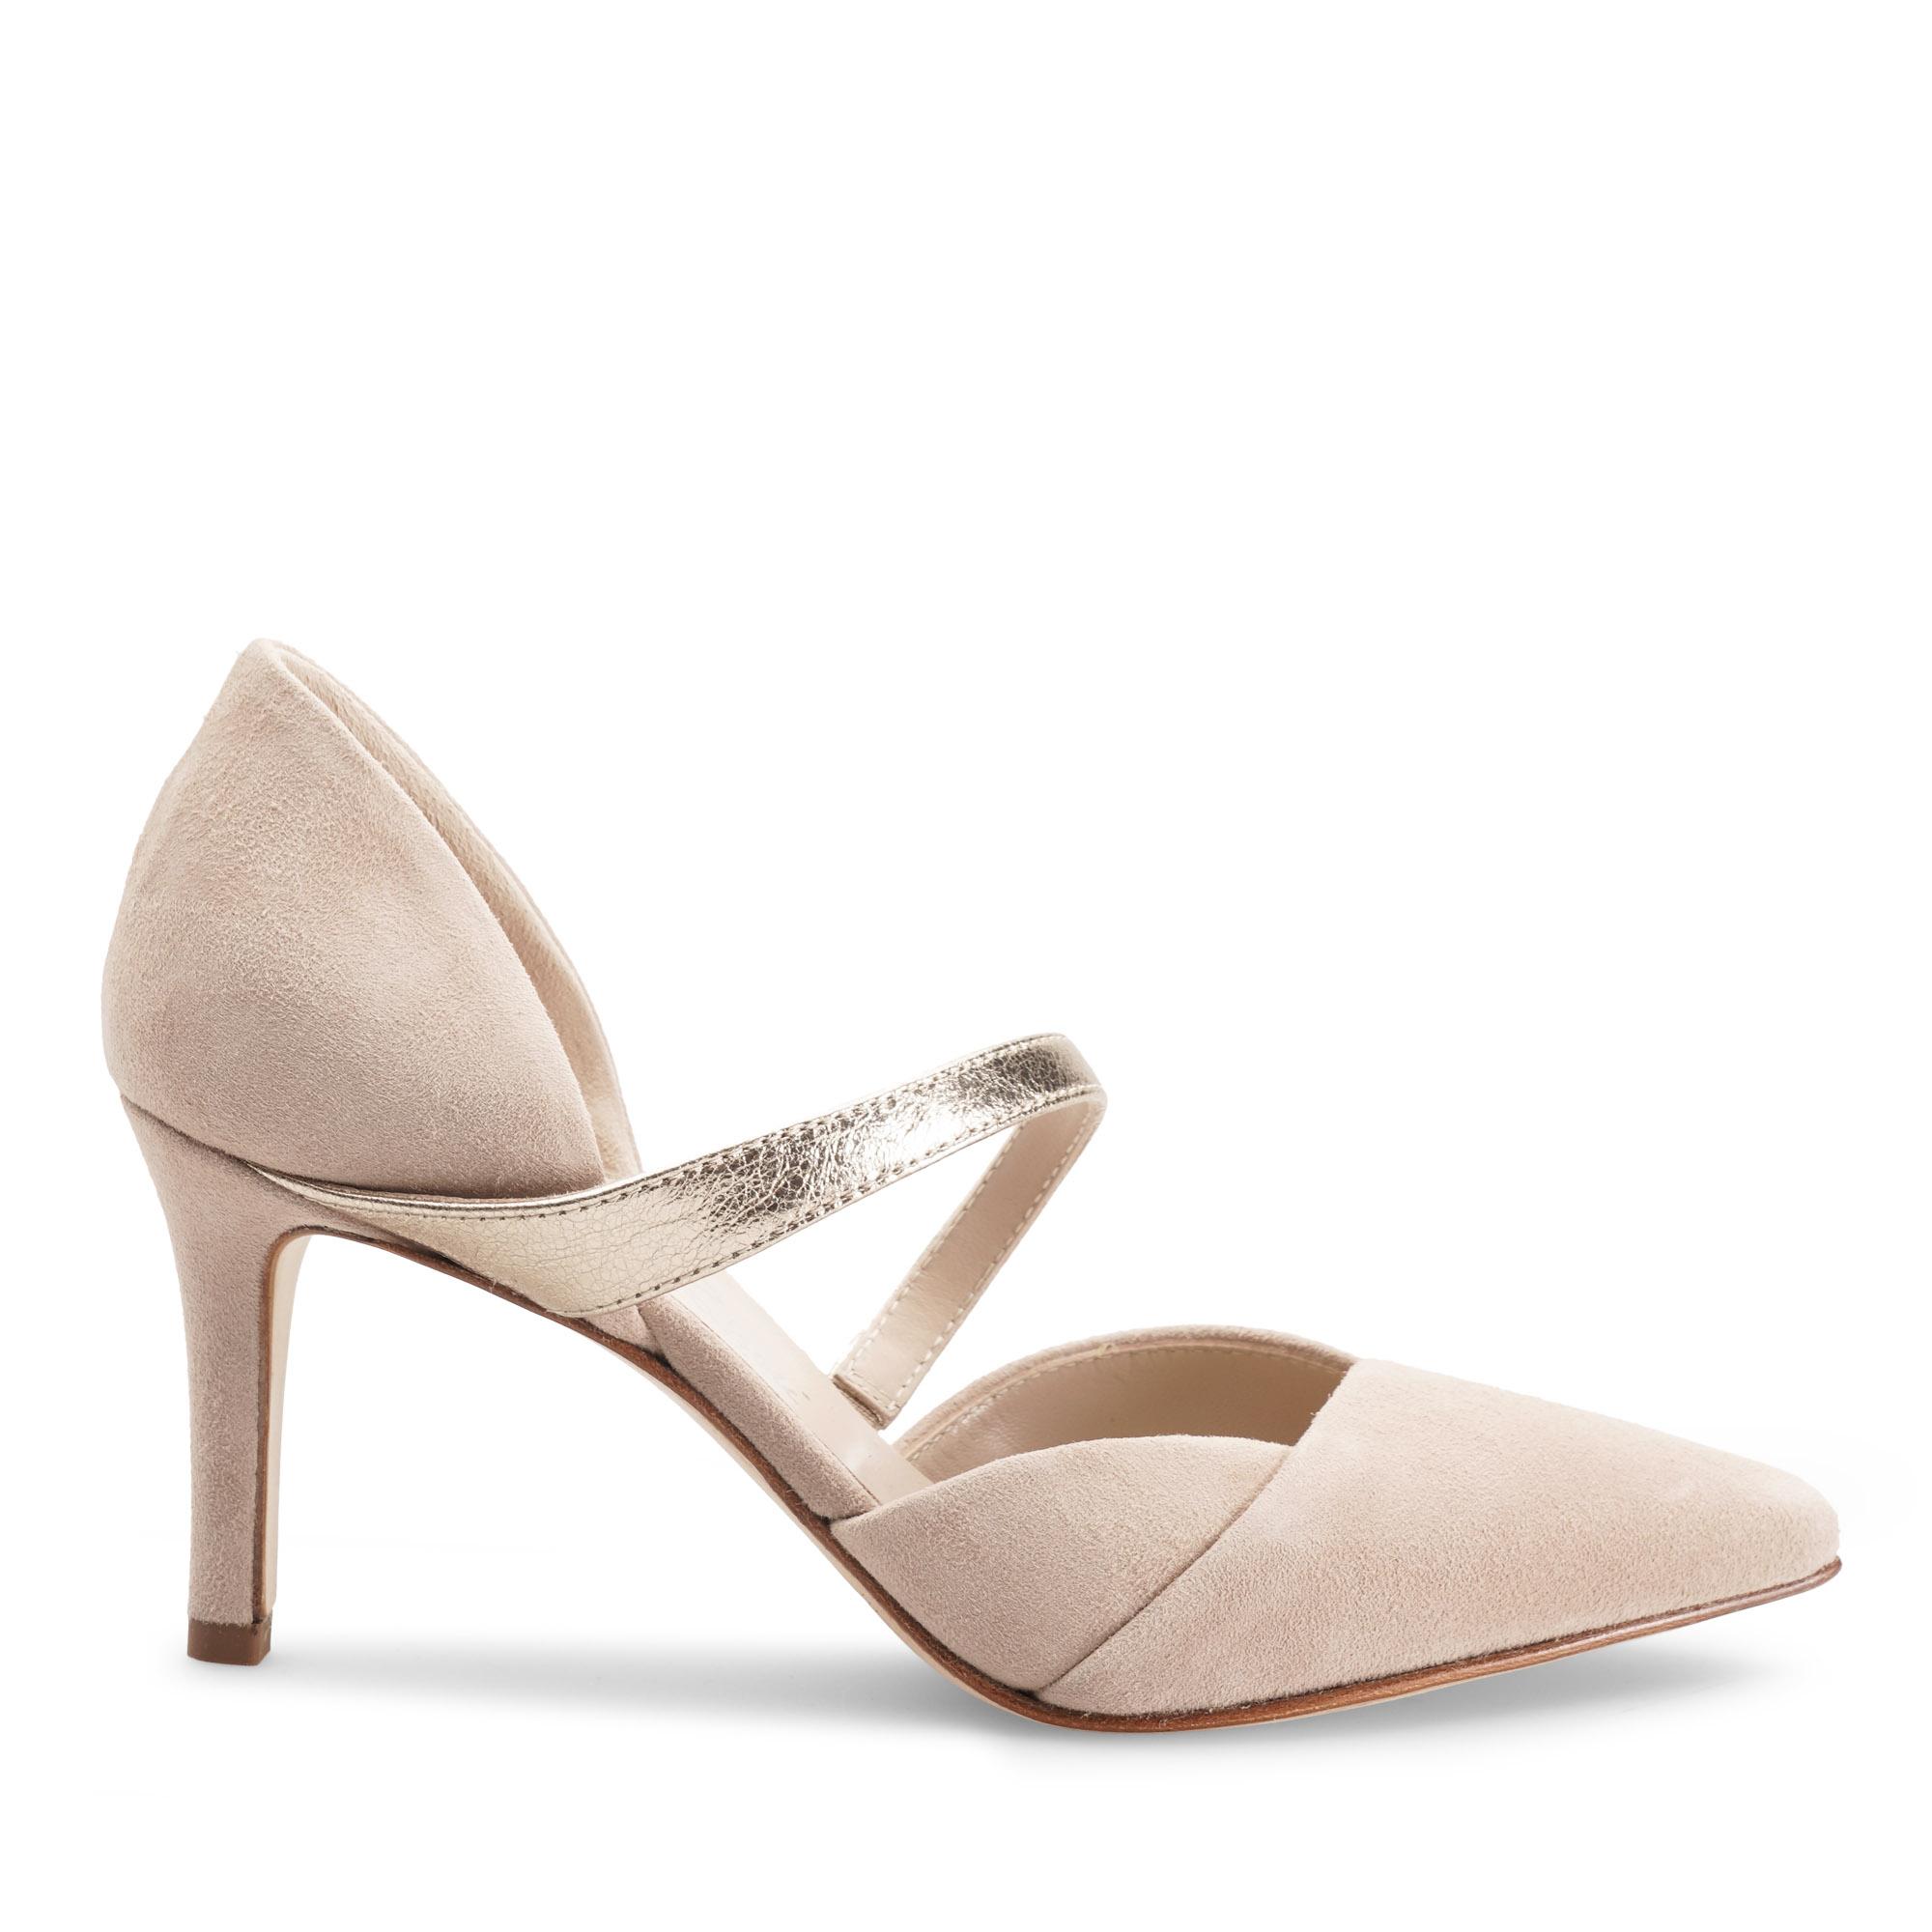 decolletè-scarpa-donna-camoscio-beige-laminato-platino-emanuela-passeri-heels-shoes-spring-summer-2021